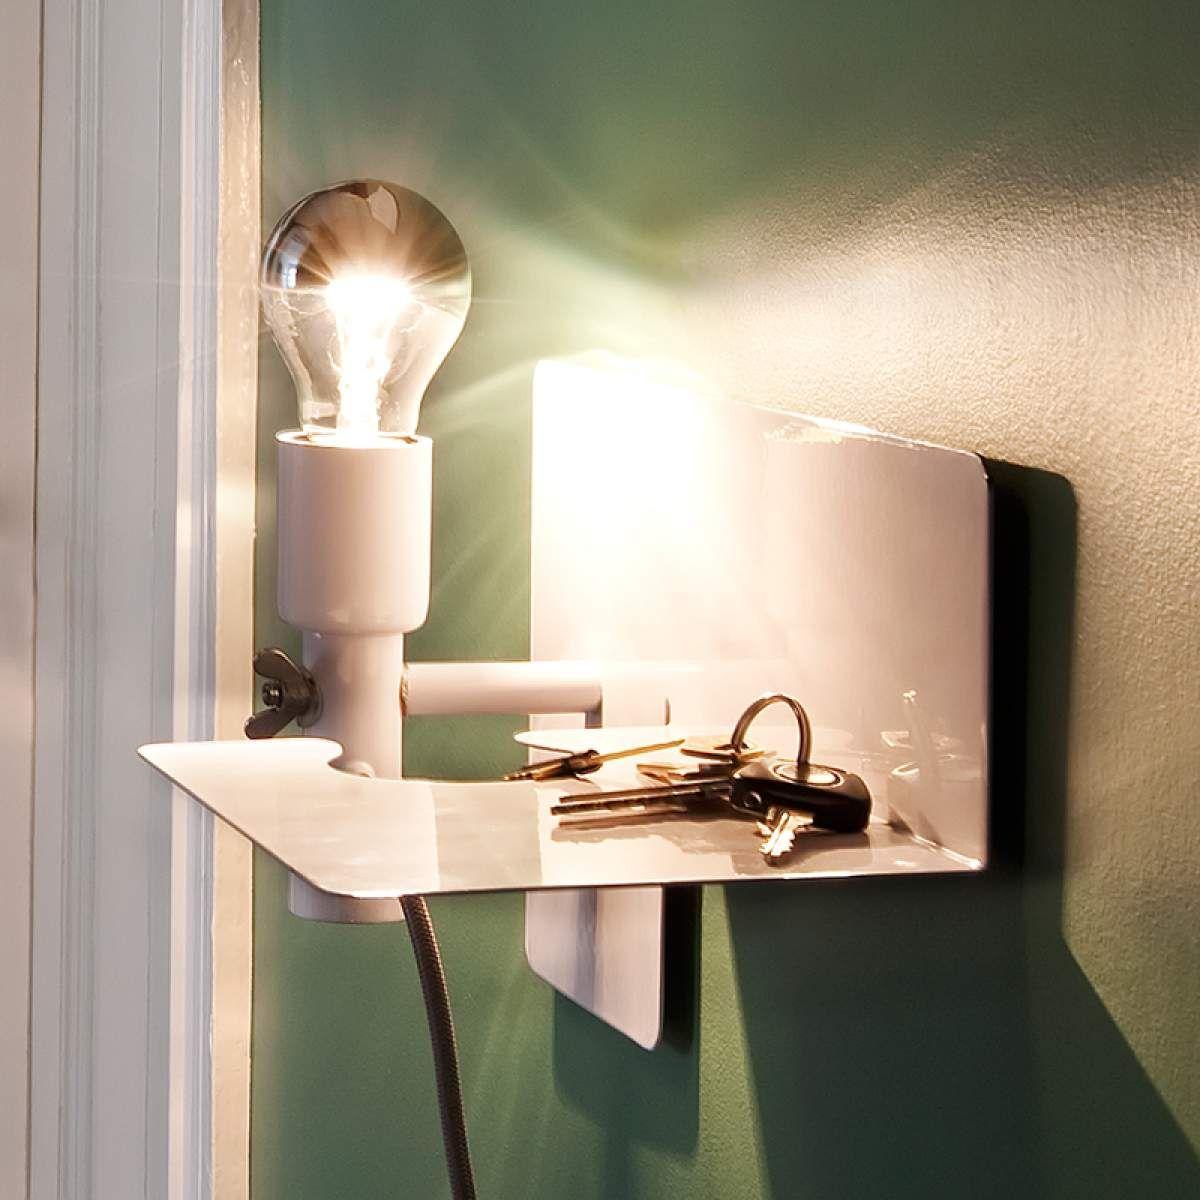 Full Size of Romantische Schlafzimmer Regal Massivholz Klimagerät Für Stuhl Komplett Guenstig Kommode Weiß Betten Nolte Stehlampe Günstige Lampe Eckschrank Wohnzimmer Wandlampen Schlafzimmer